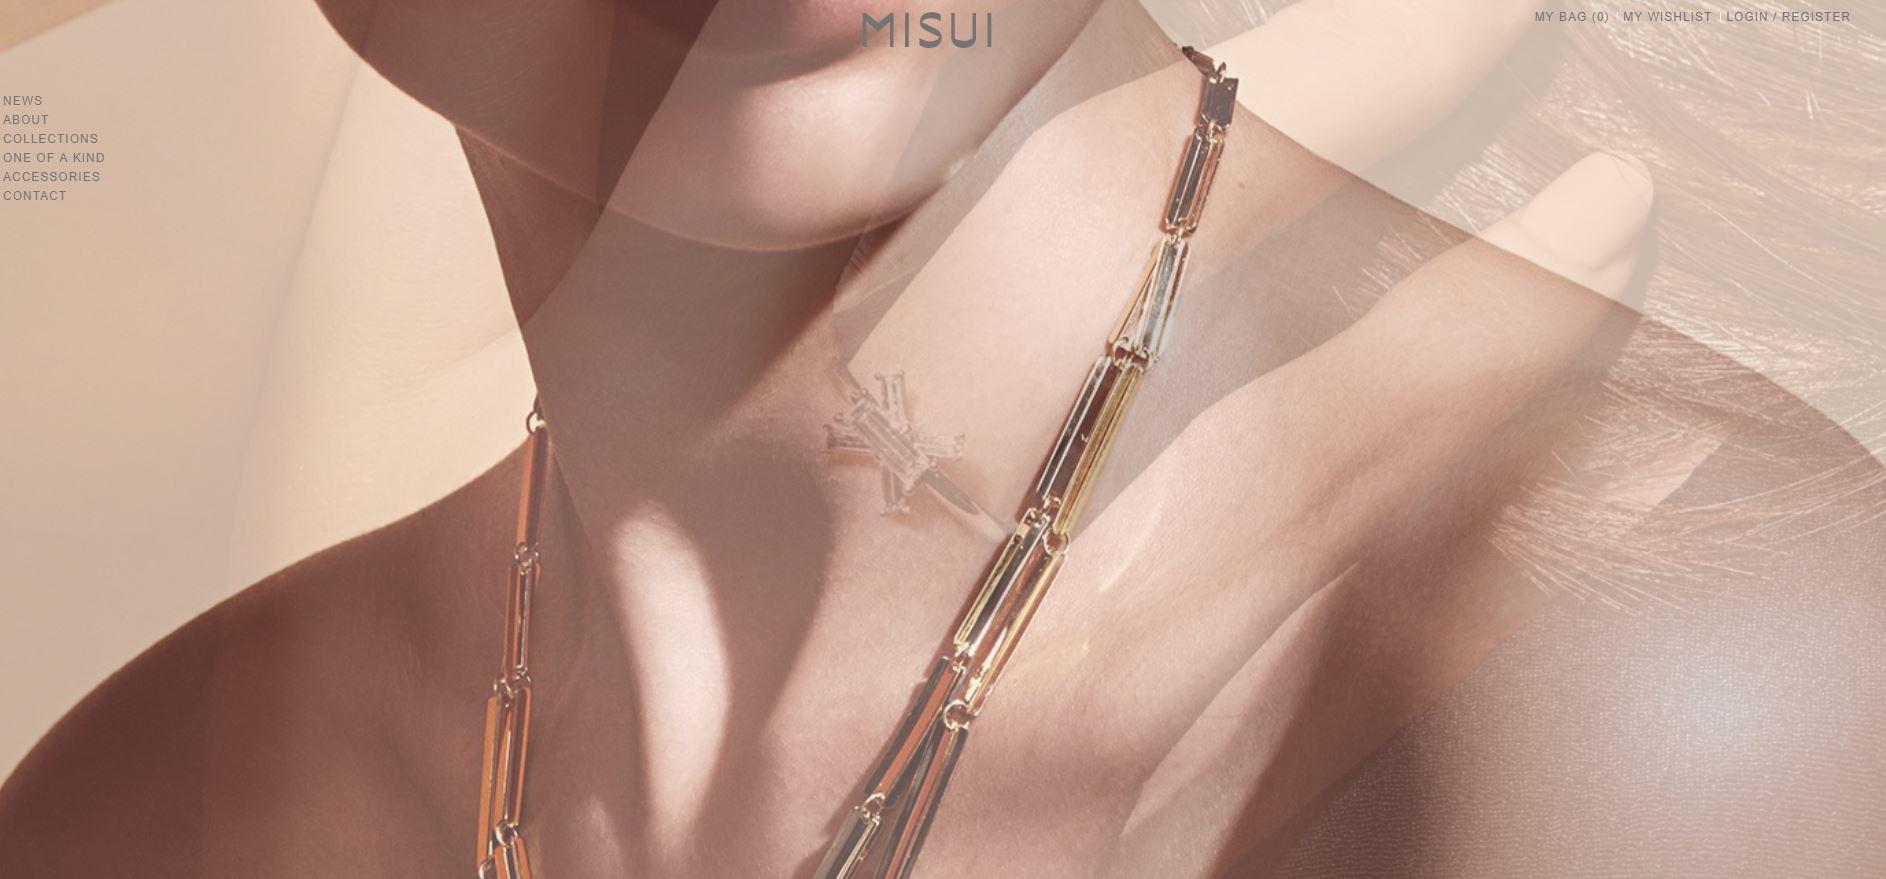 MISUI